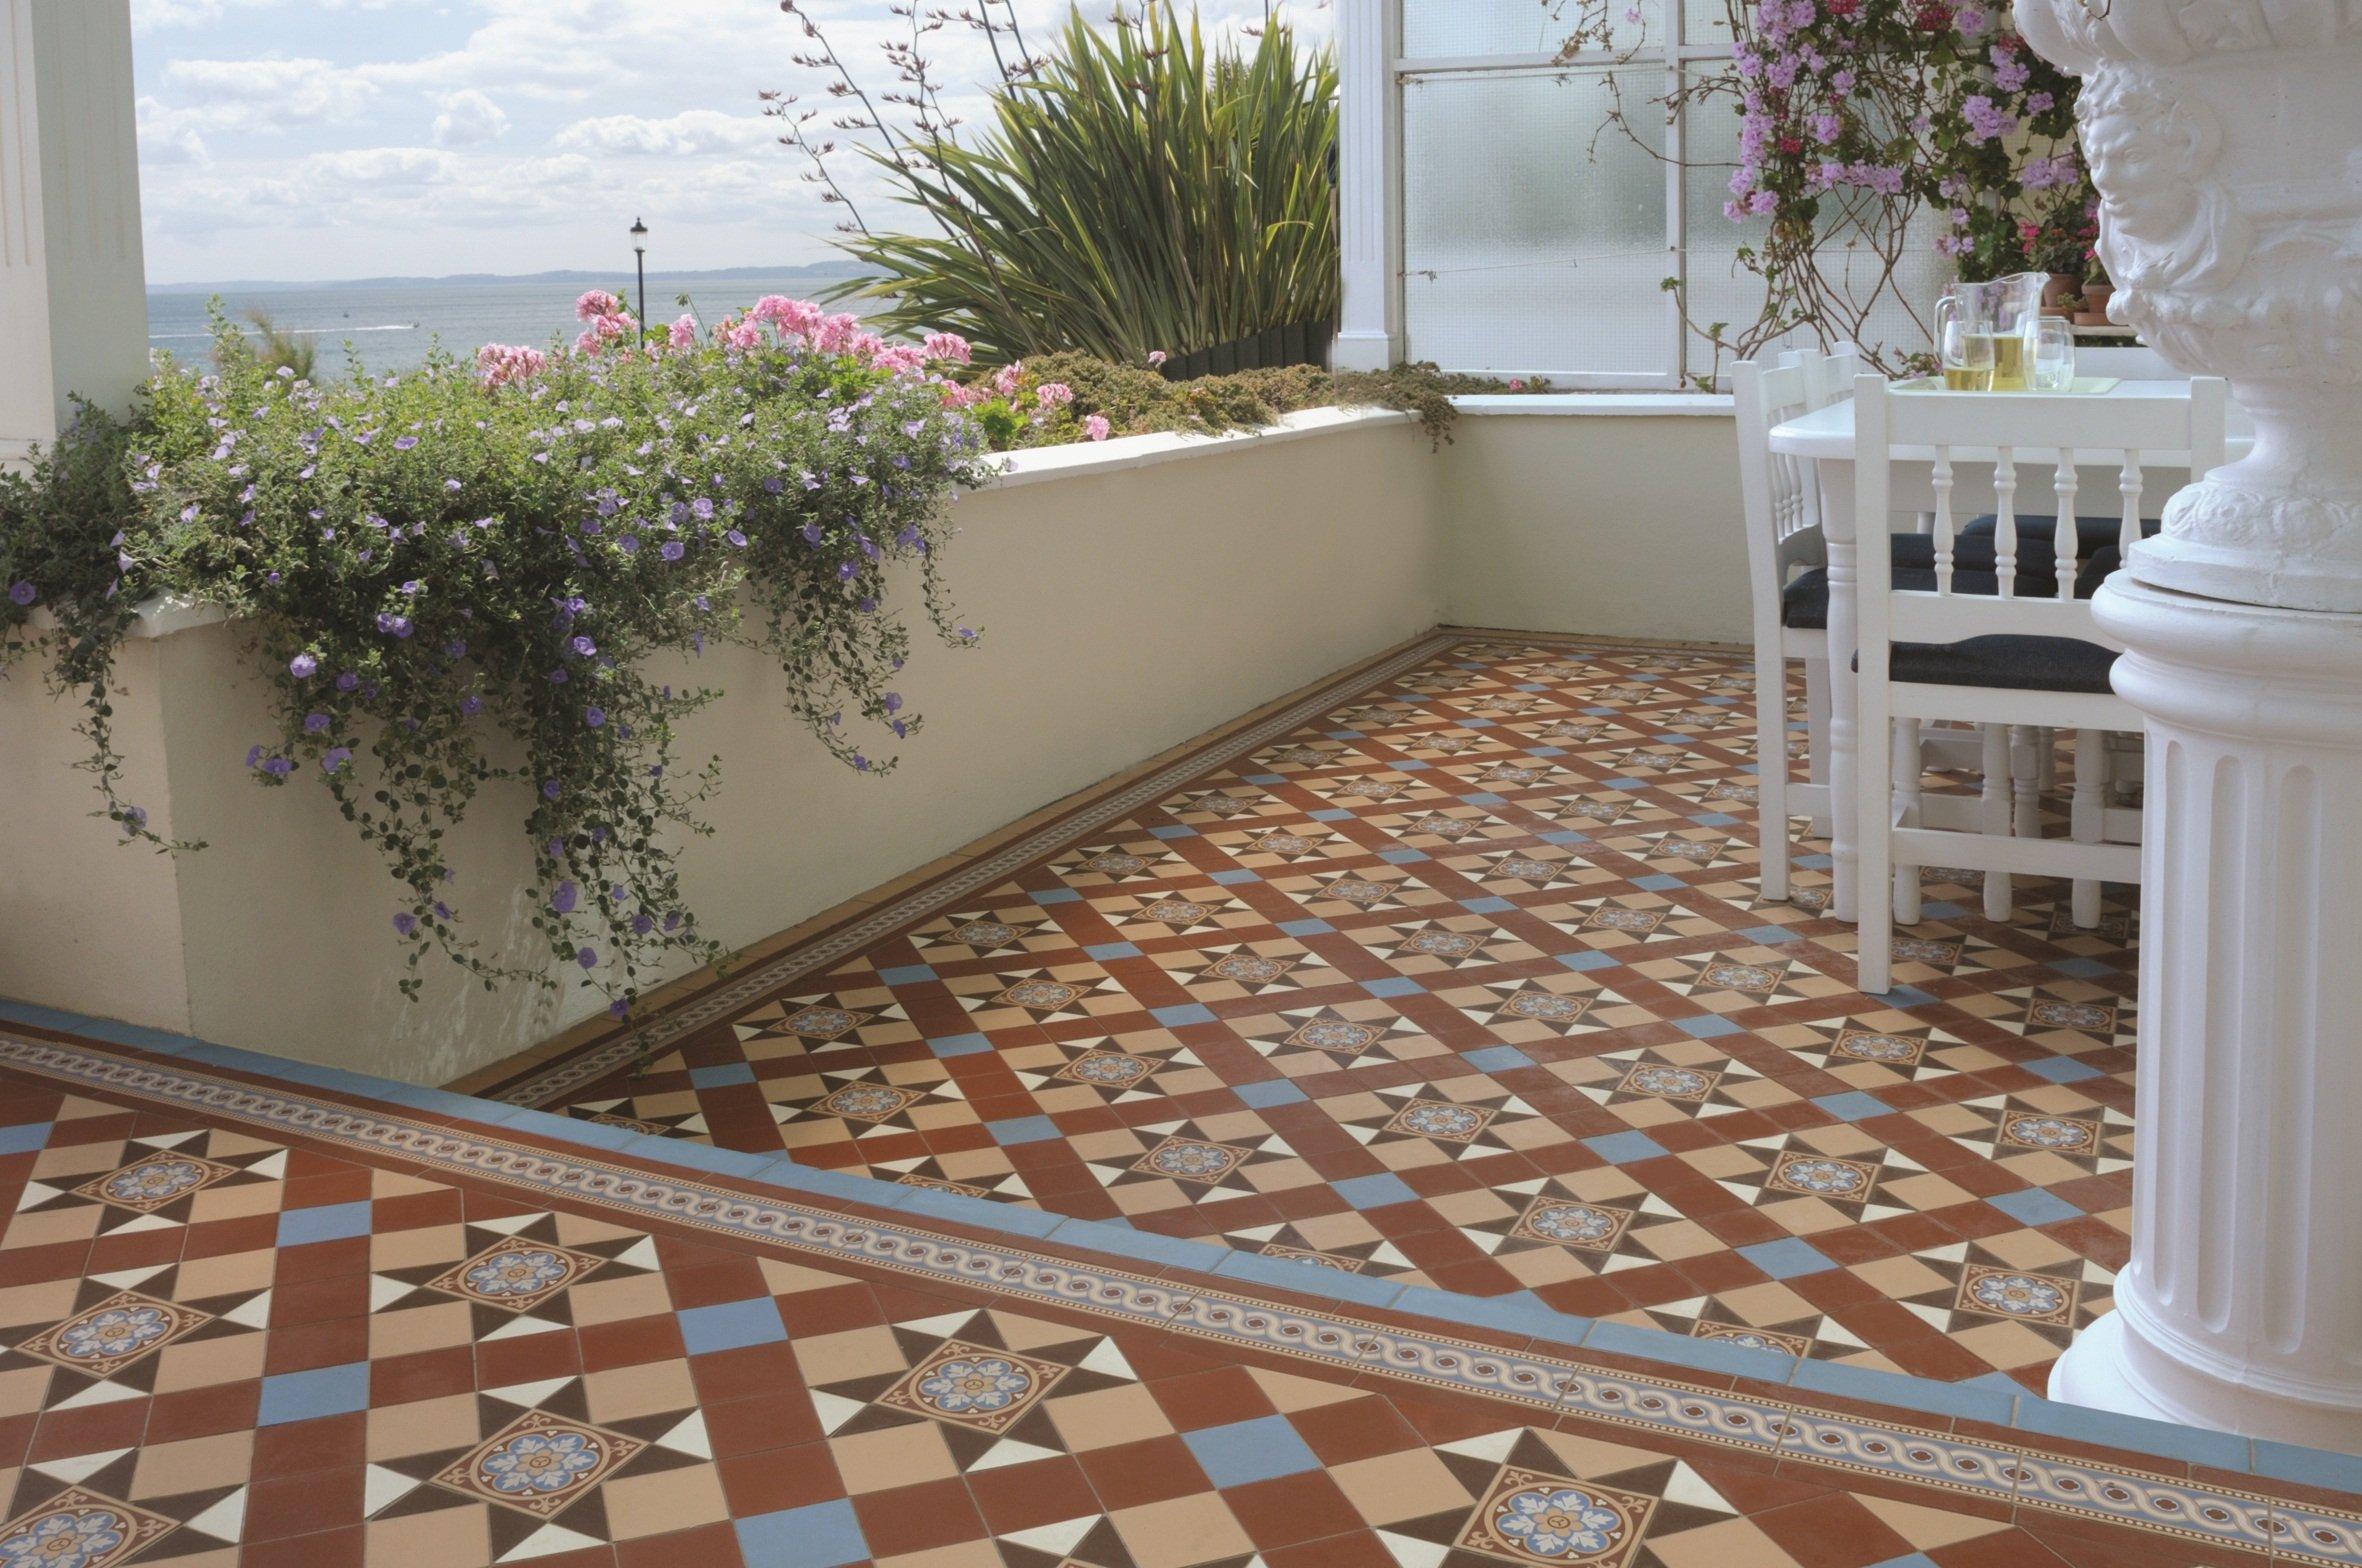 Victorian Tiles Victorian Geometric Floor Tiles